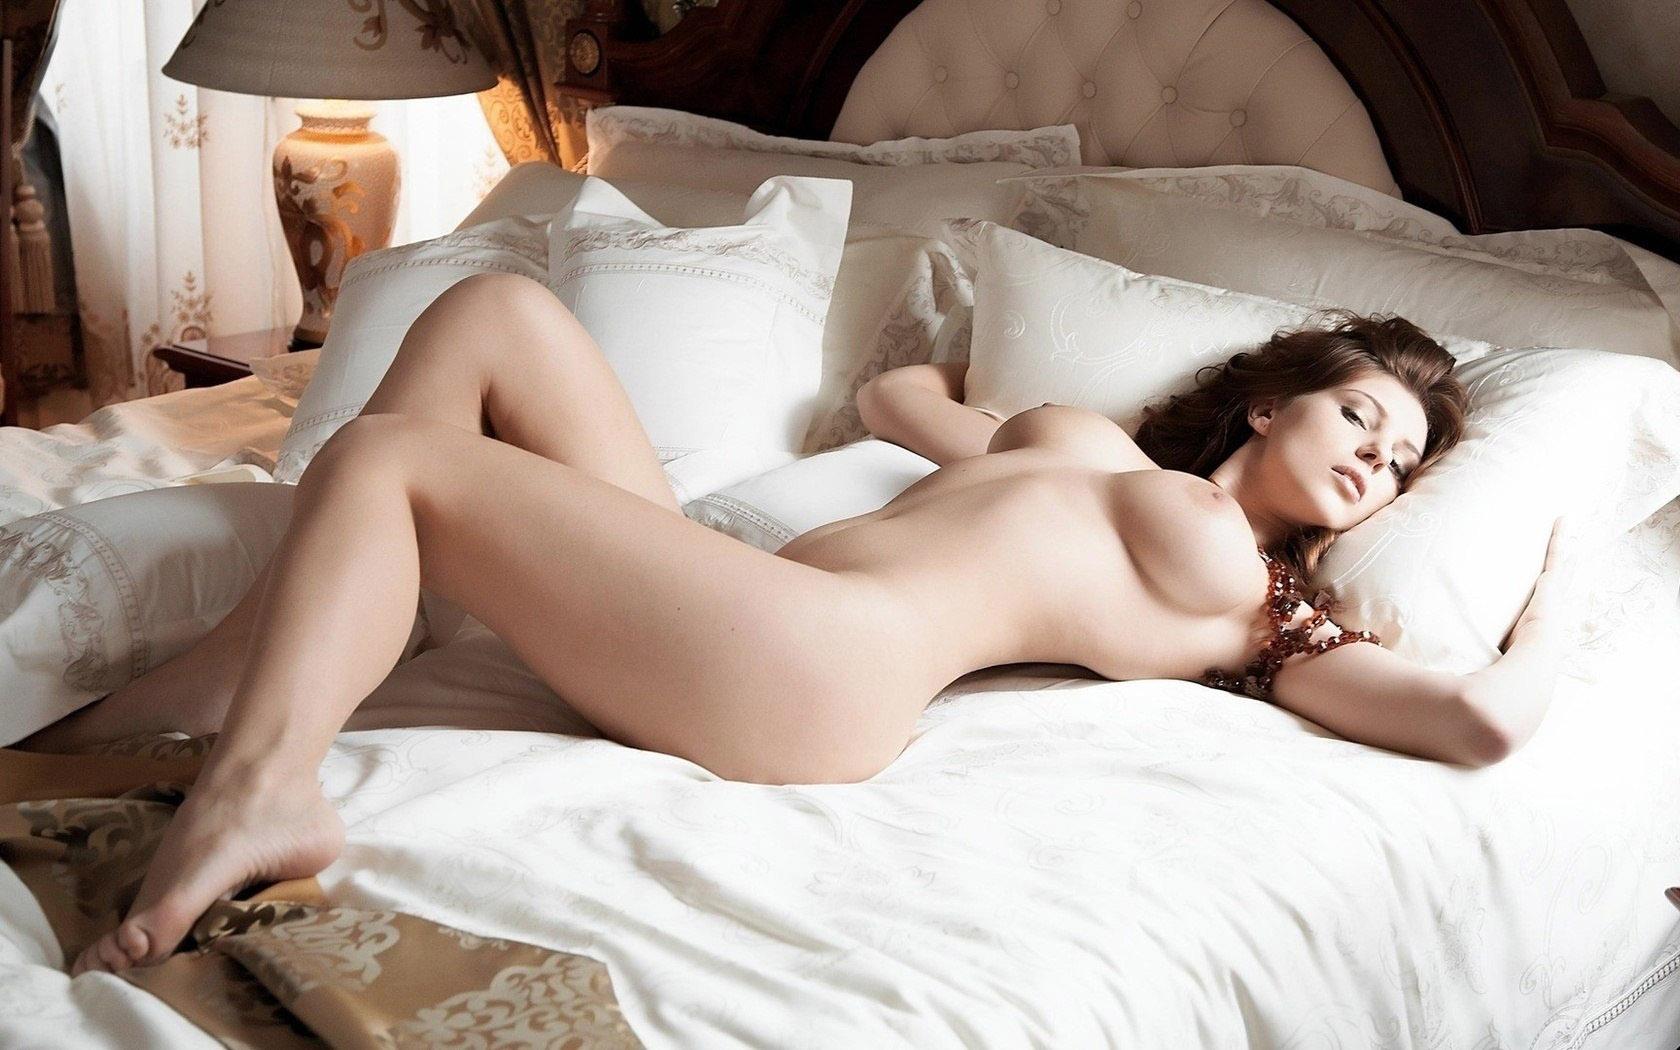 супер эротика в отели взяла